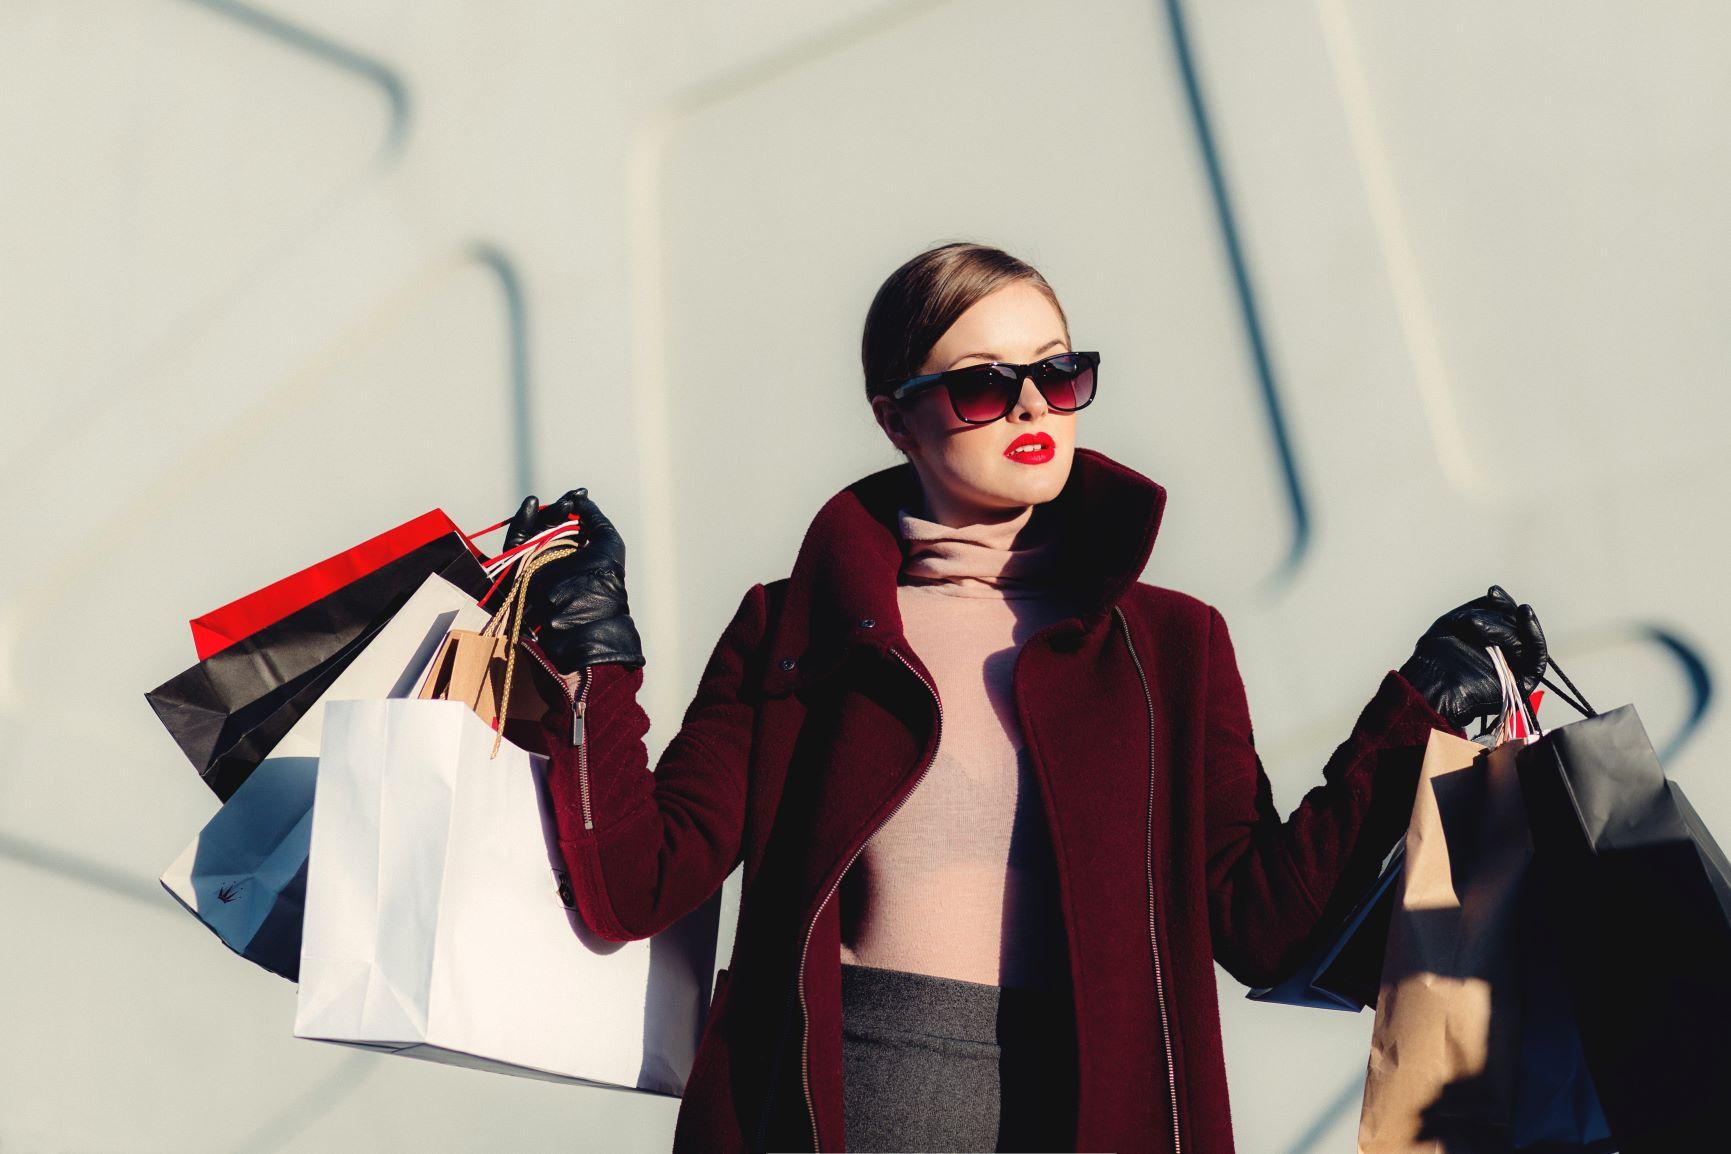 Ceny rostou: Přesto si Češi o Vánocích nakoupí více než před rokem